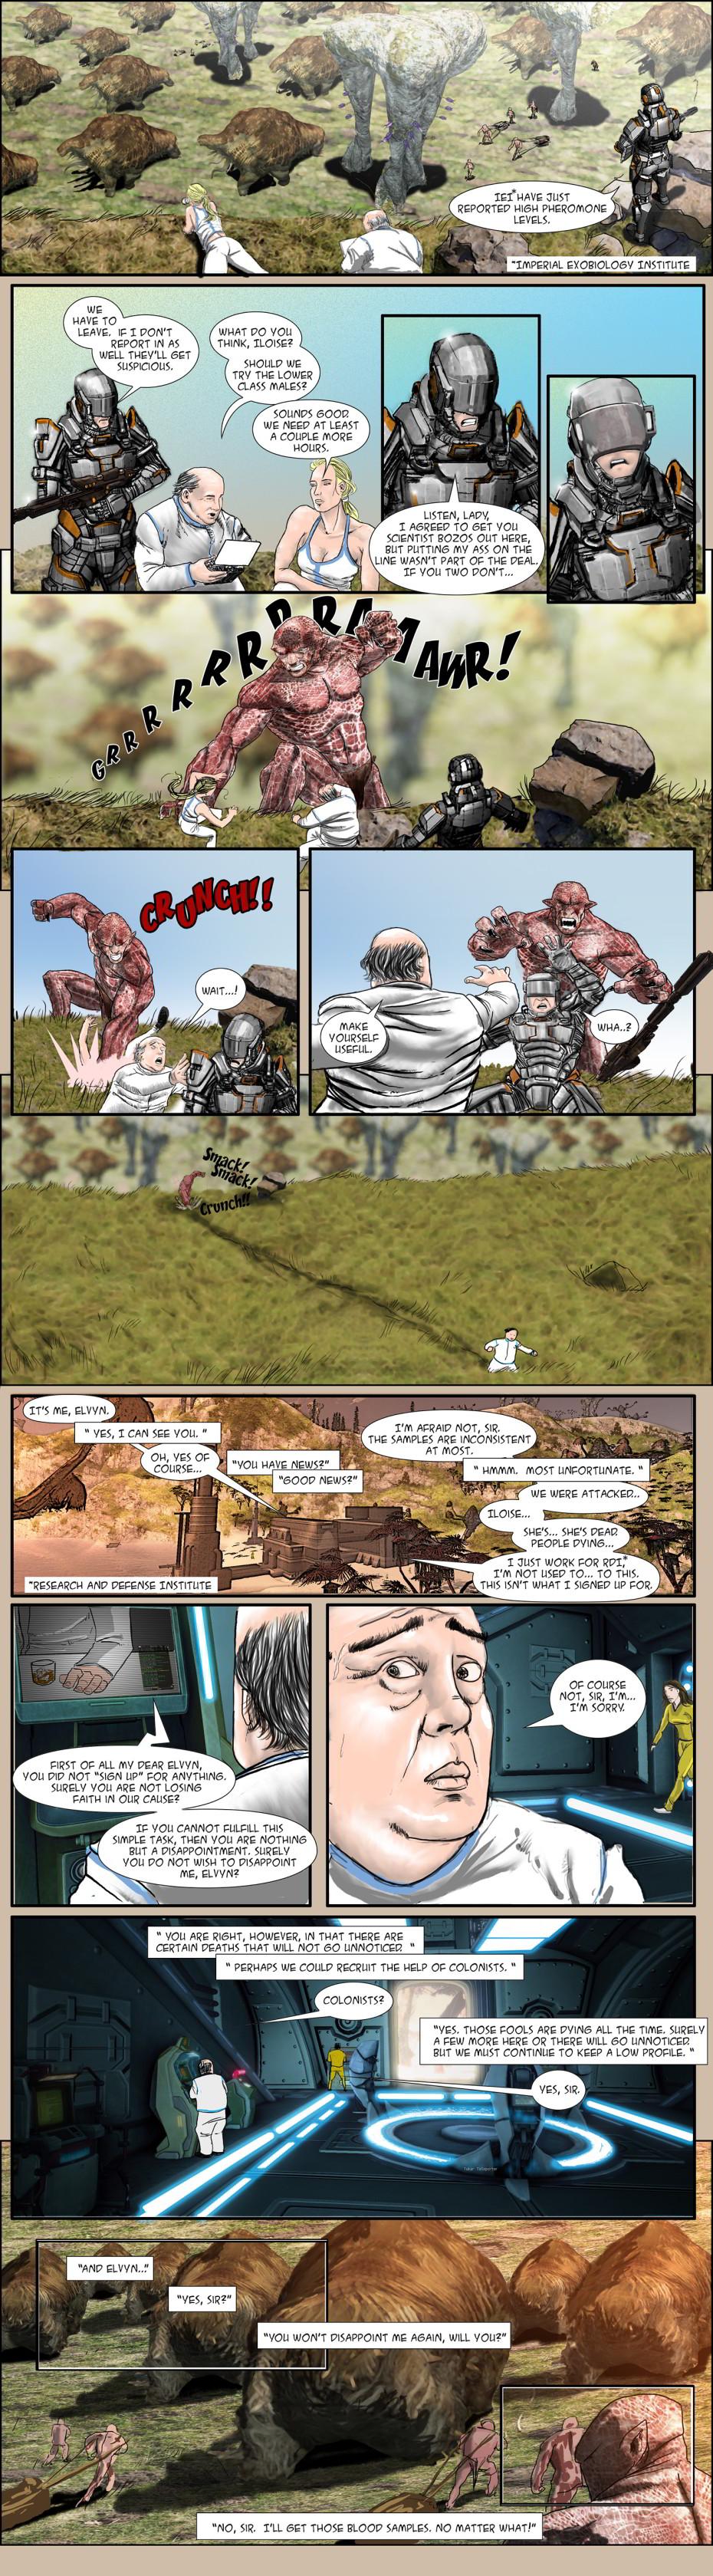 Eomon Migration 2014 storyline comic part 01 - Prologue.jpg